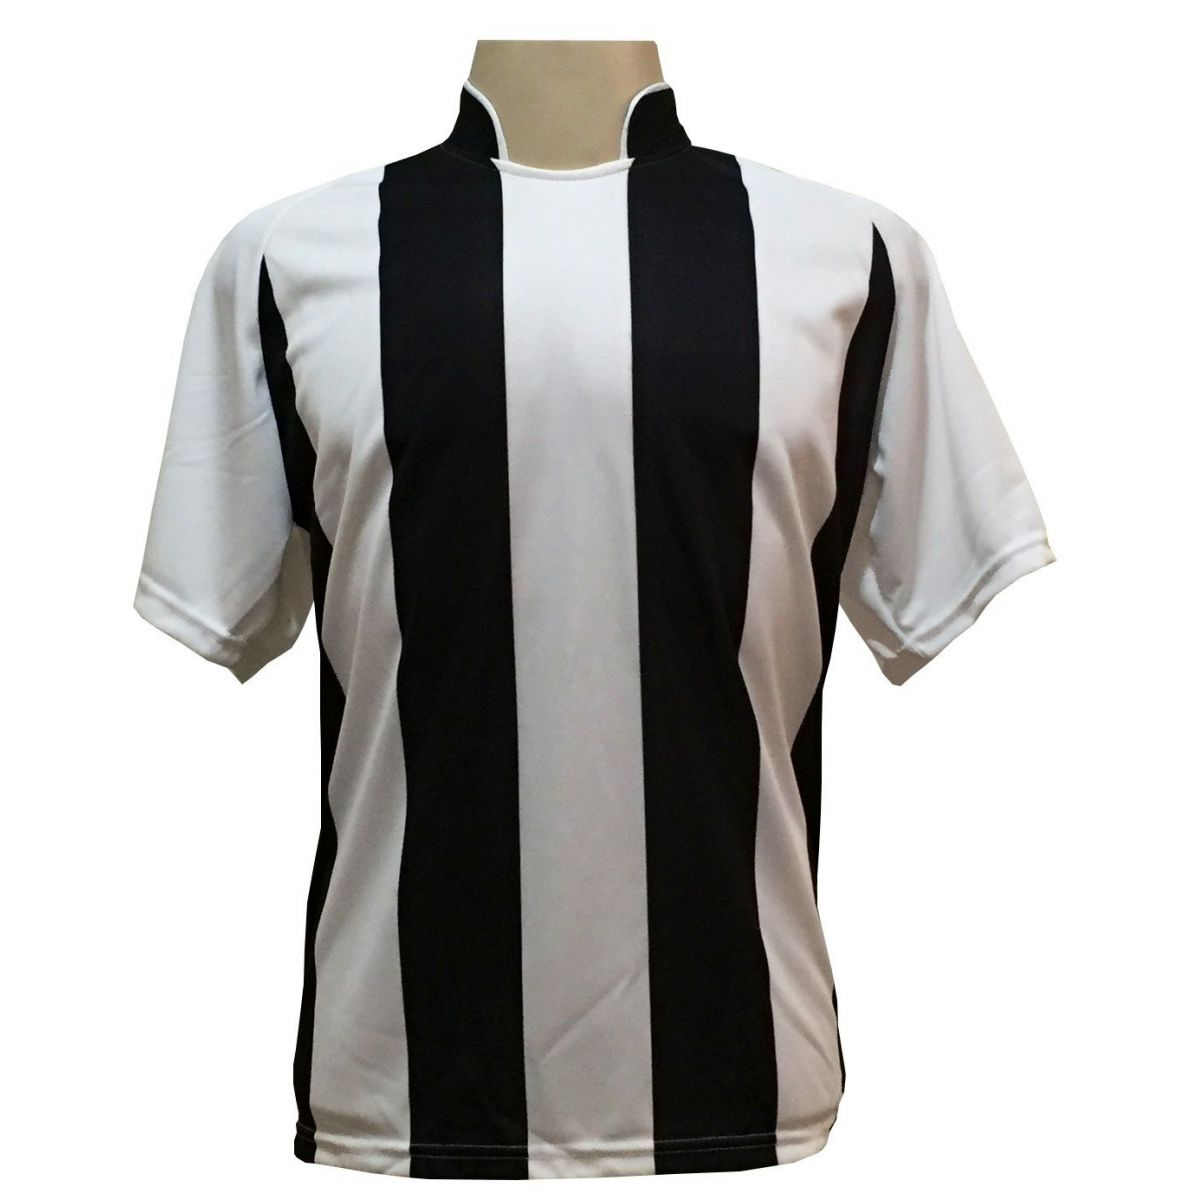 Uniforme Esportivo com 18 Camisas modelo Milan Branco/Preto + 18 Calções modelo Madrid Preto